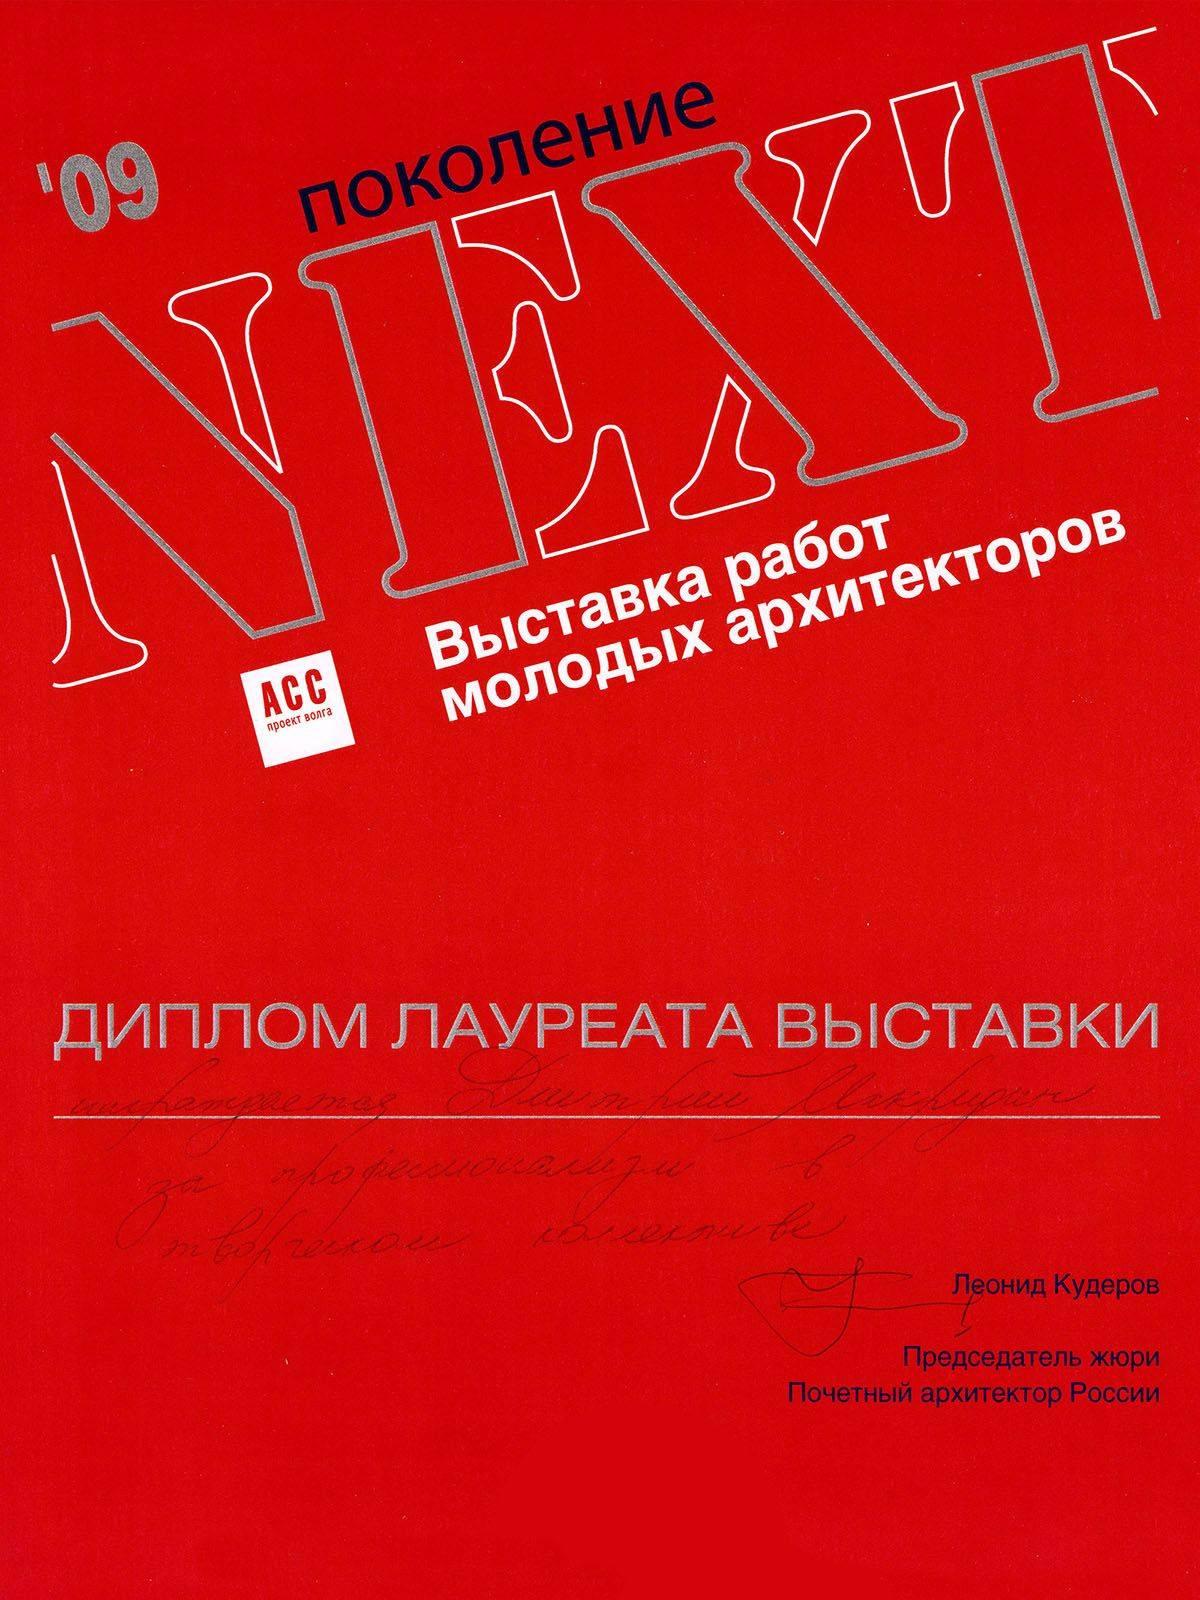 Выставка работ молодых архитекторов «Поколение NEXT'09»